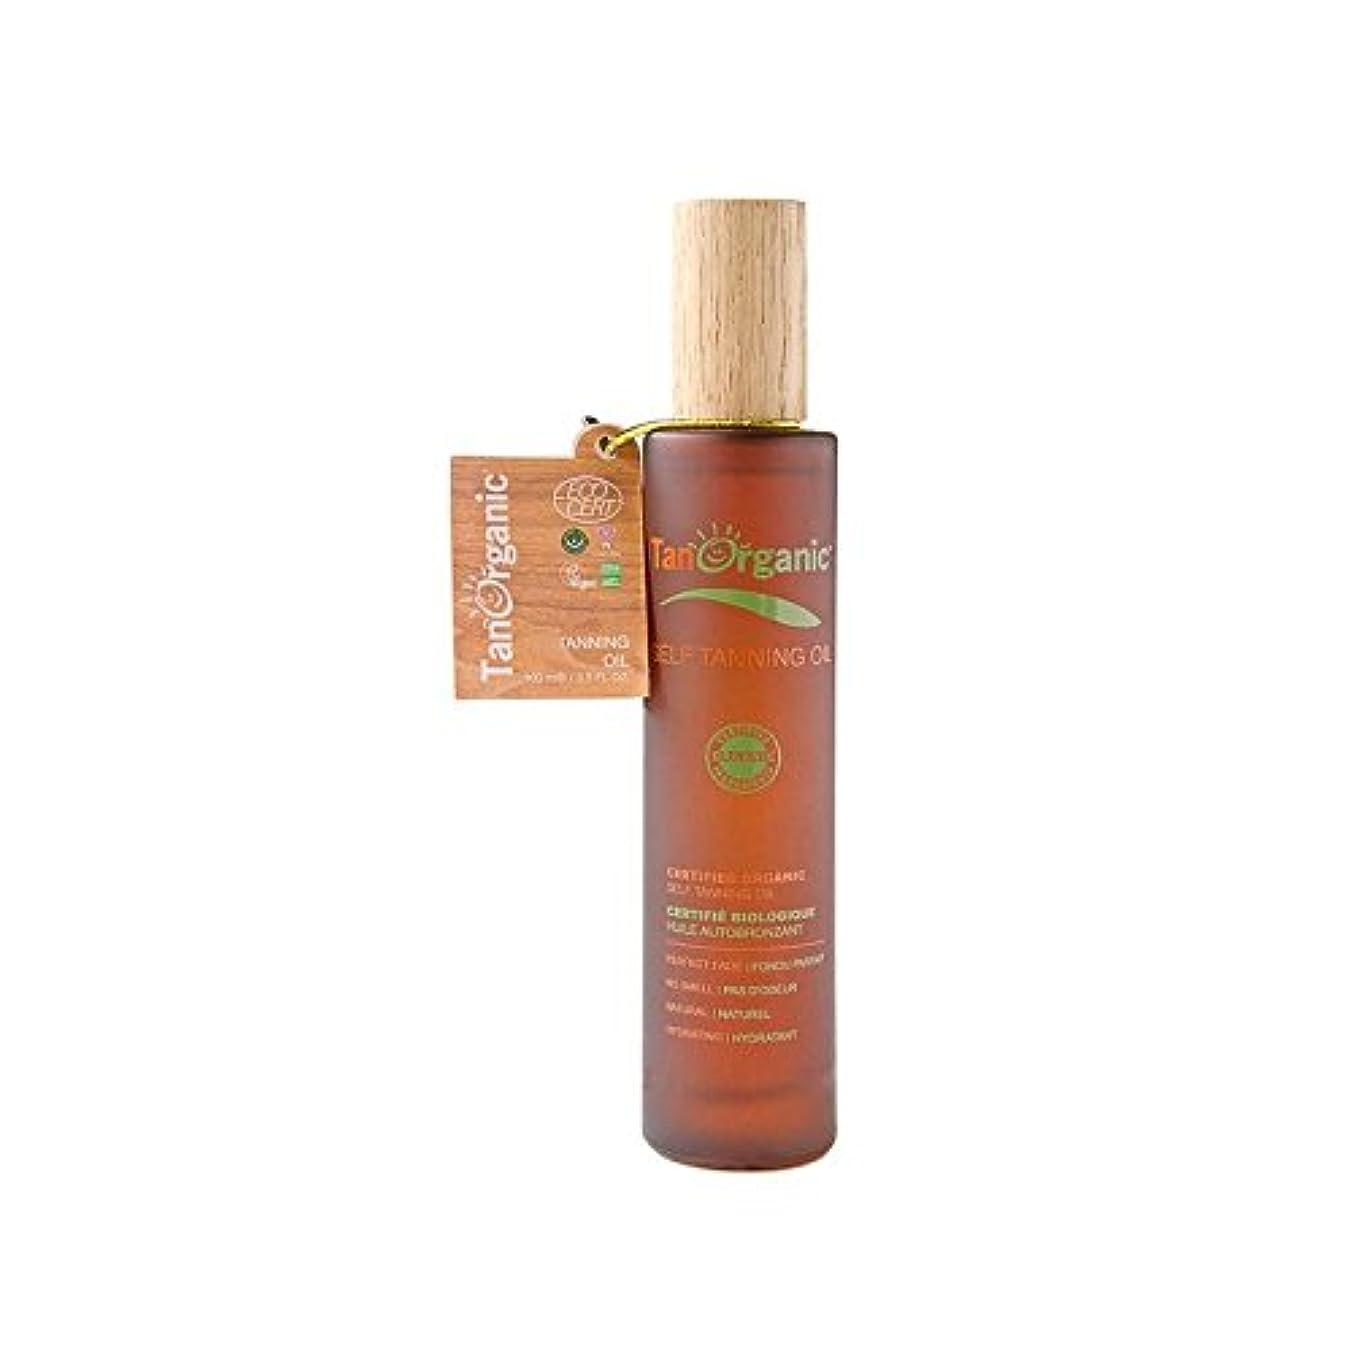 虐殺否定する加速するTanorganic自己日焼け顔&ボディオイル (Tan Organic) (x 2) - TanOrganic Self-Tan Face & Body Oil (Pack of 2) [並行輸入品]